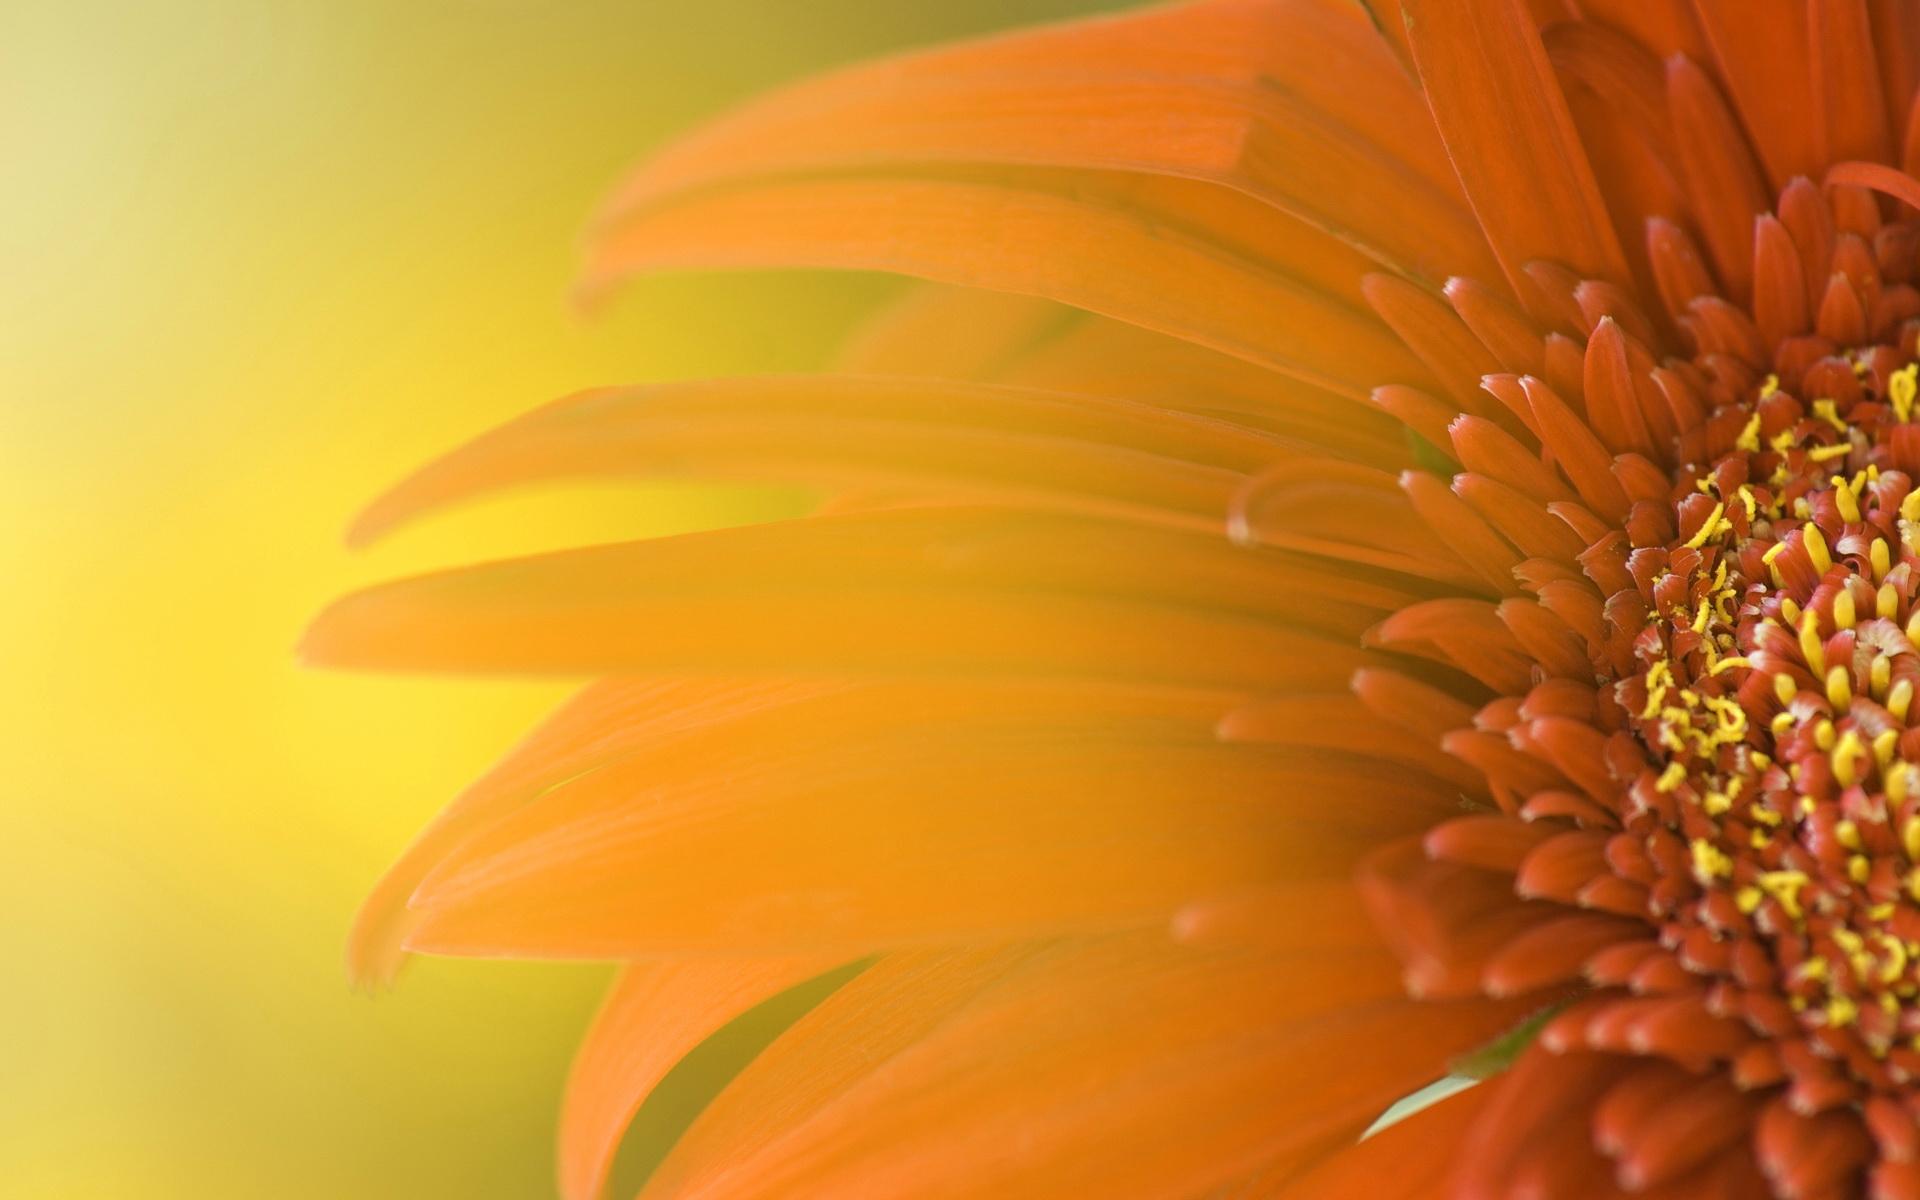 Wallpapers HD Wallpapers Widescreen widescreen sunflower wide 1920x1200